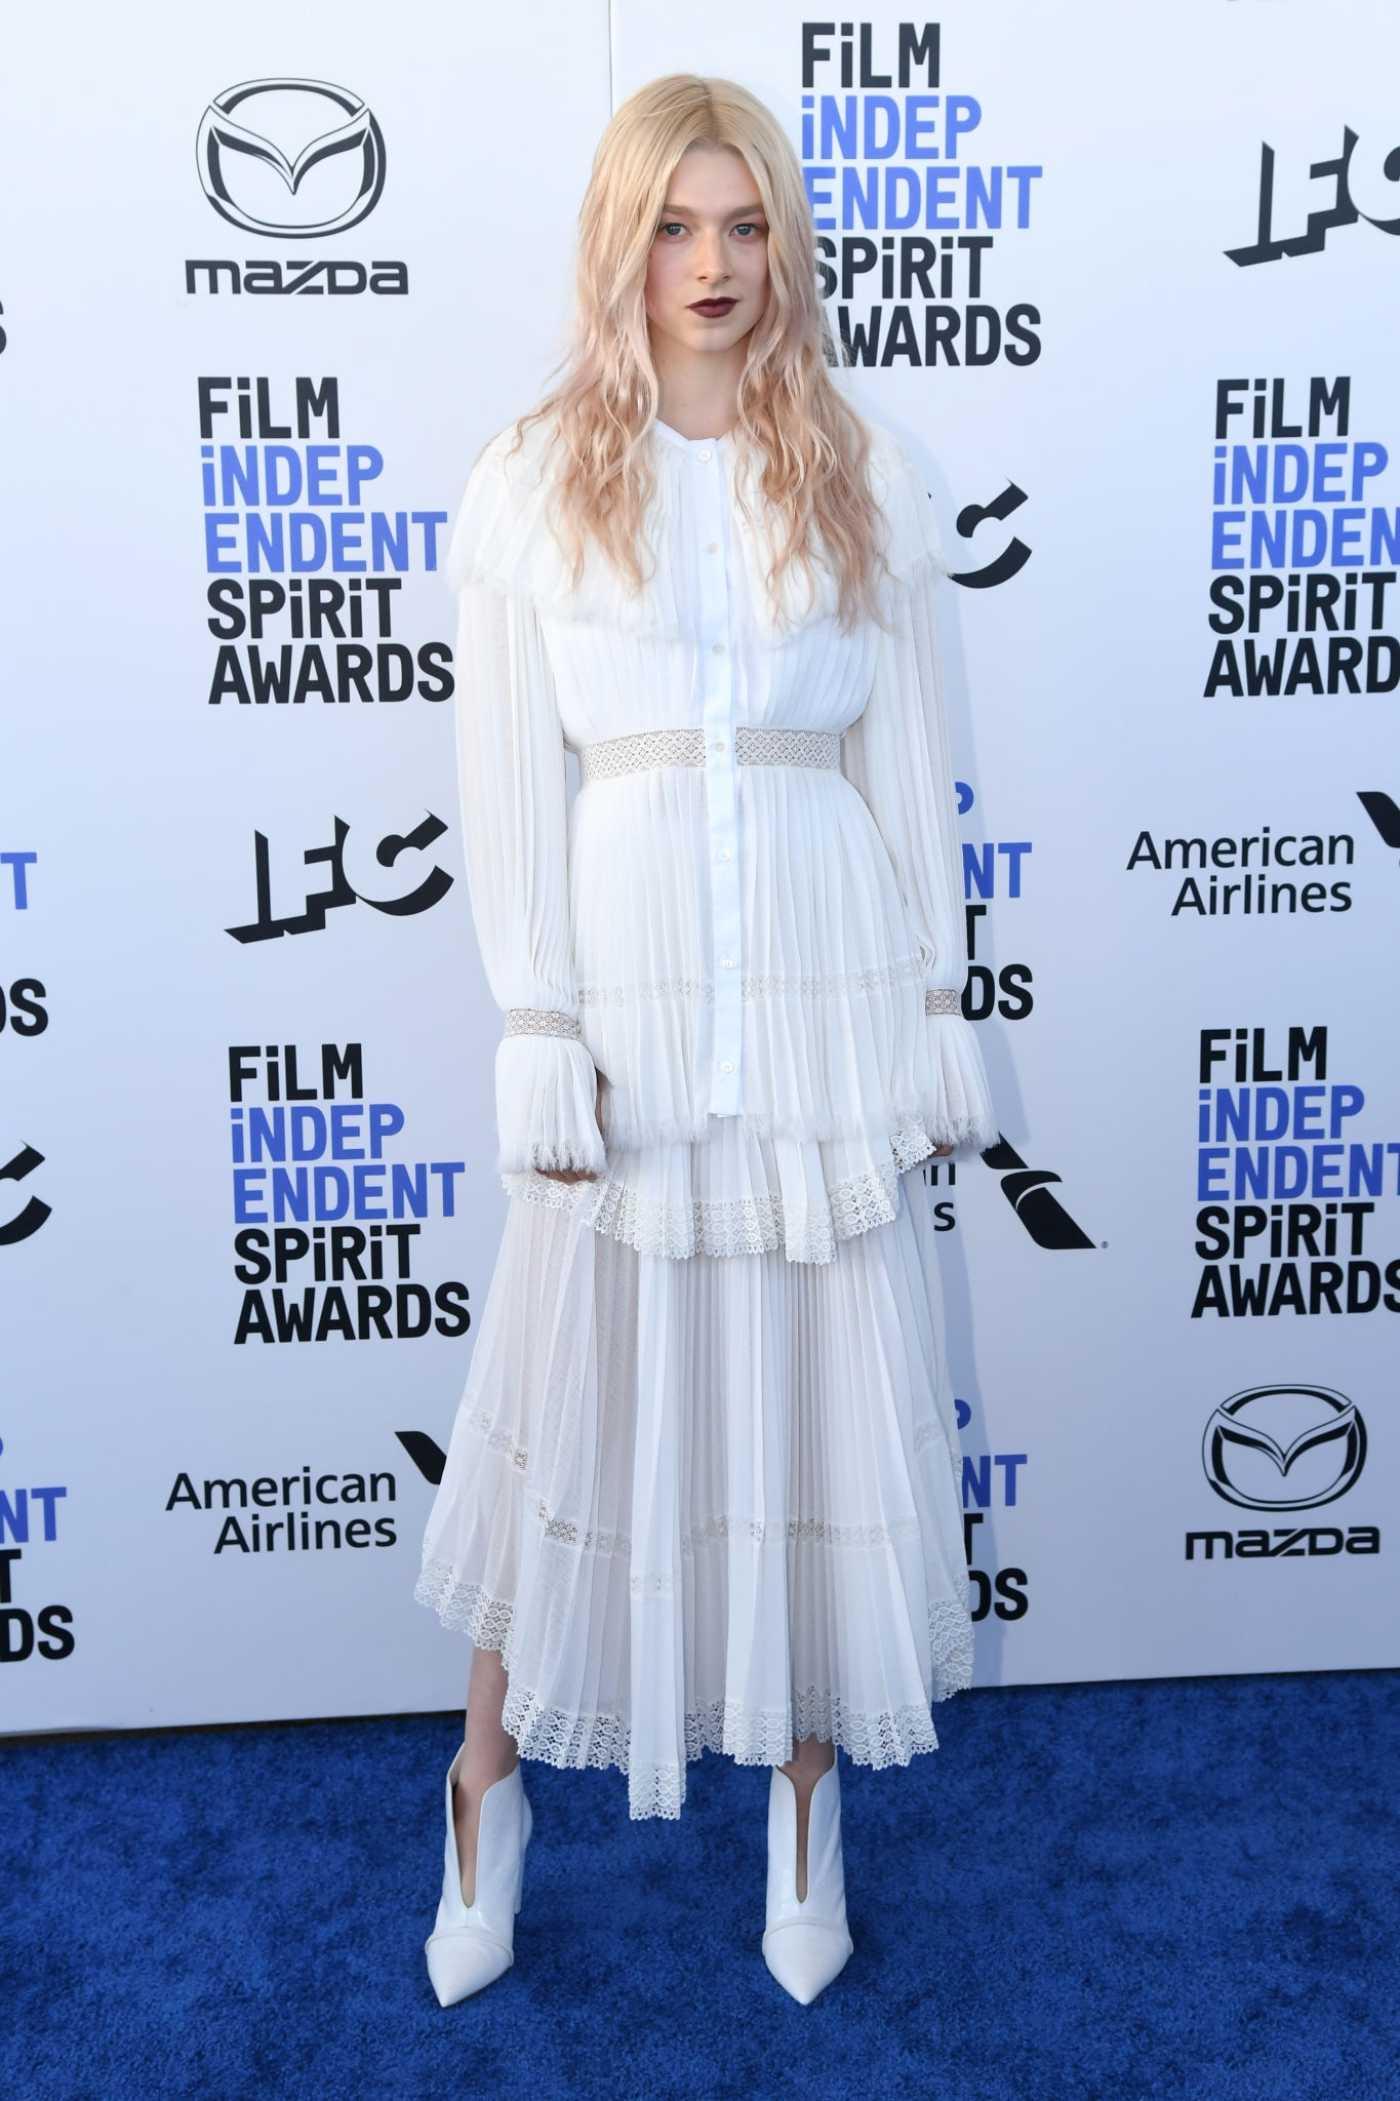 Hunter Schafer Attends 2020 Film Independent Spirit Awards in Santa Monica 02/08/2020